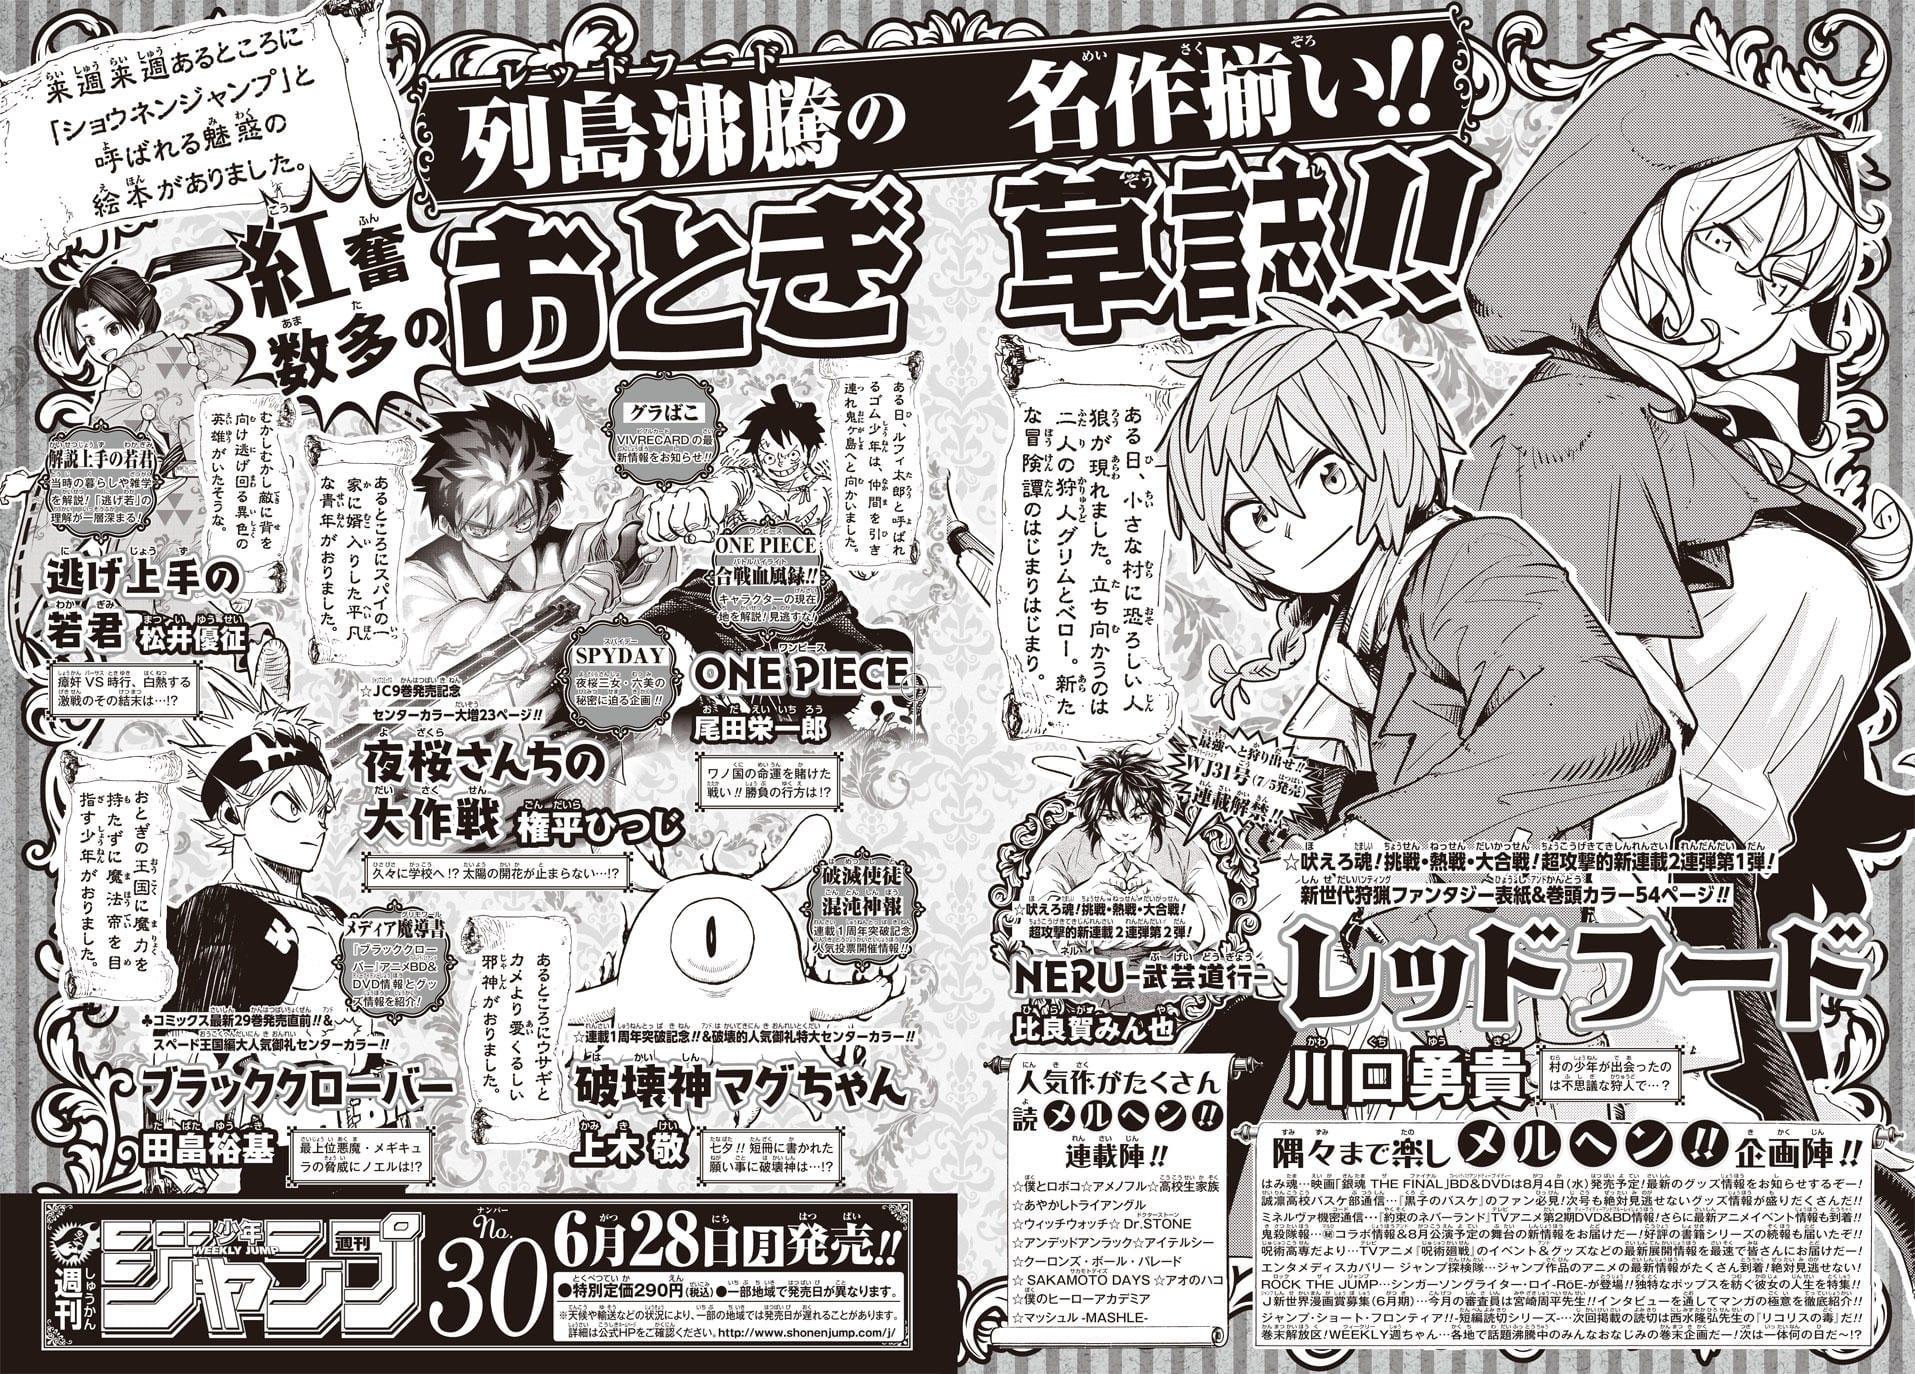 Shonen Jump Magazine Launches 2 new manga